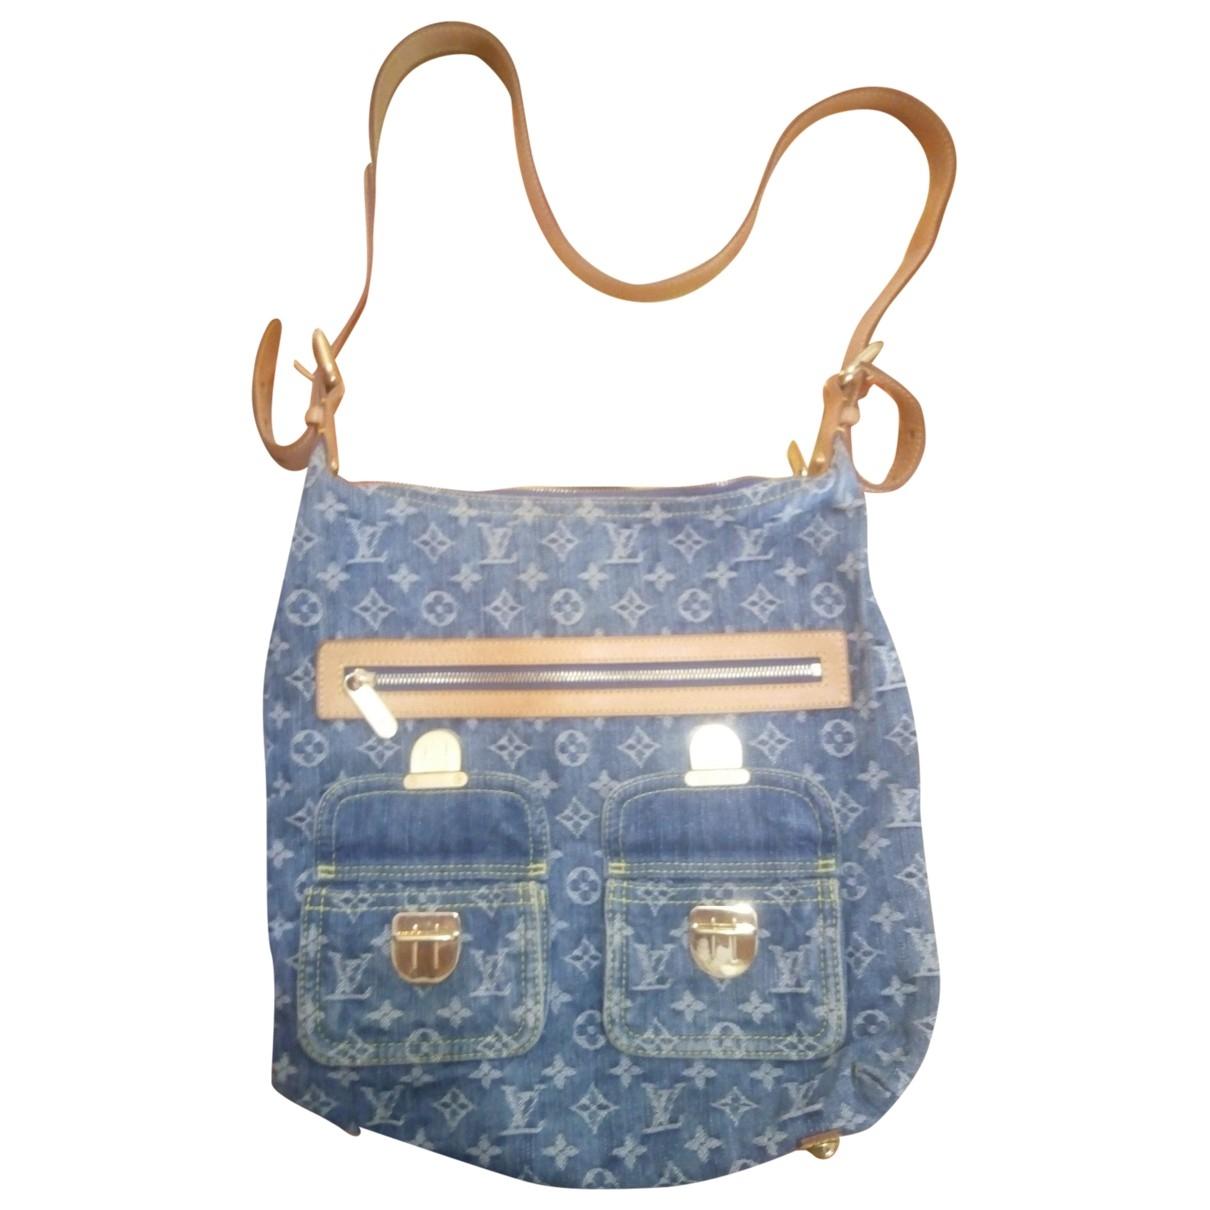 Louis Vuitton Baggy Handtasche in Denim - Jeans